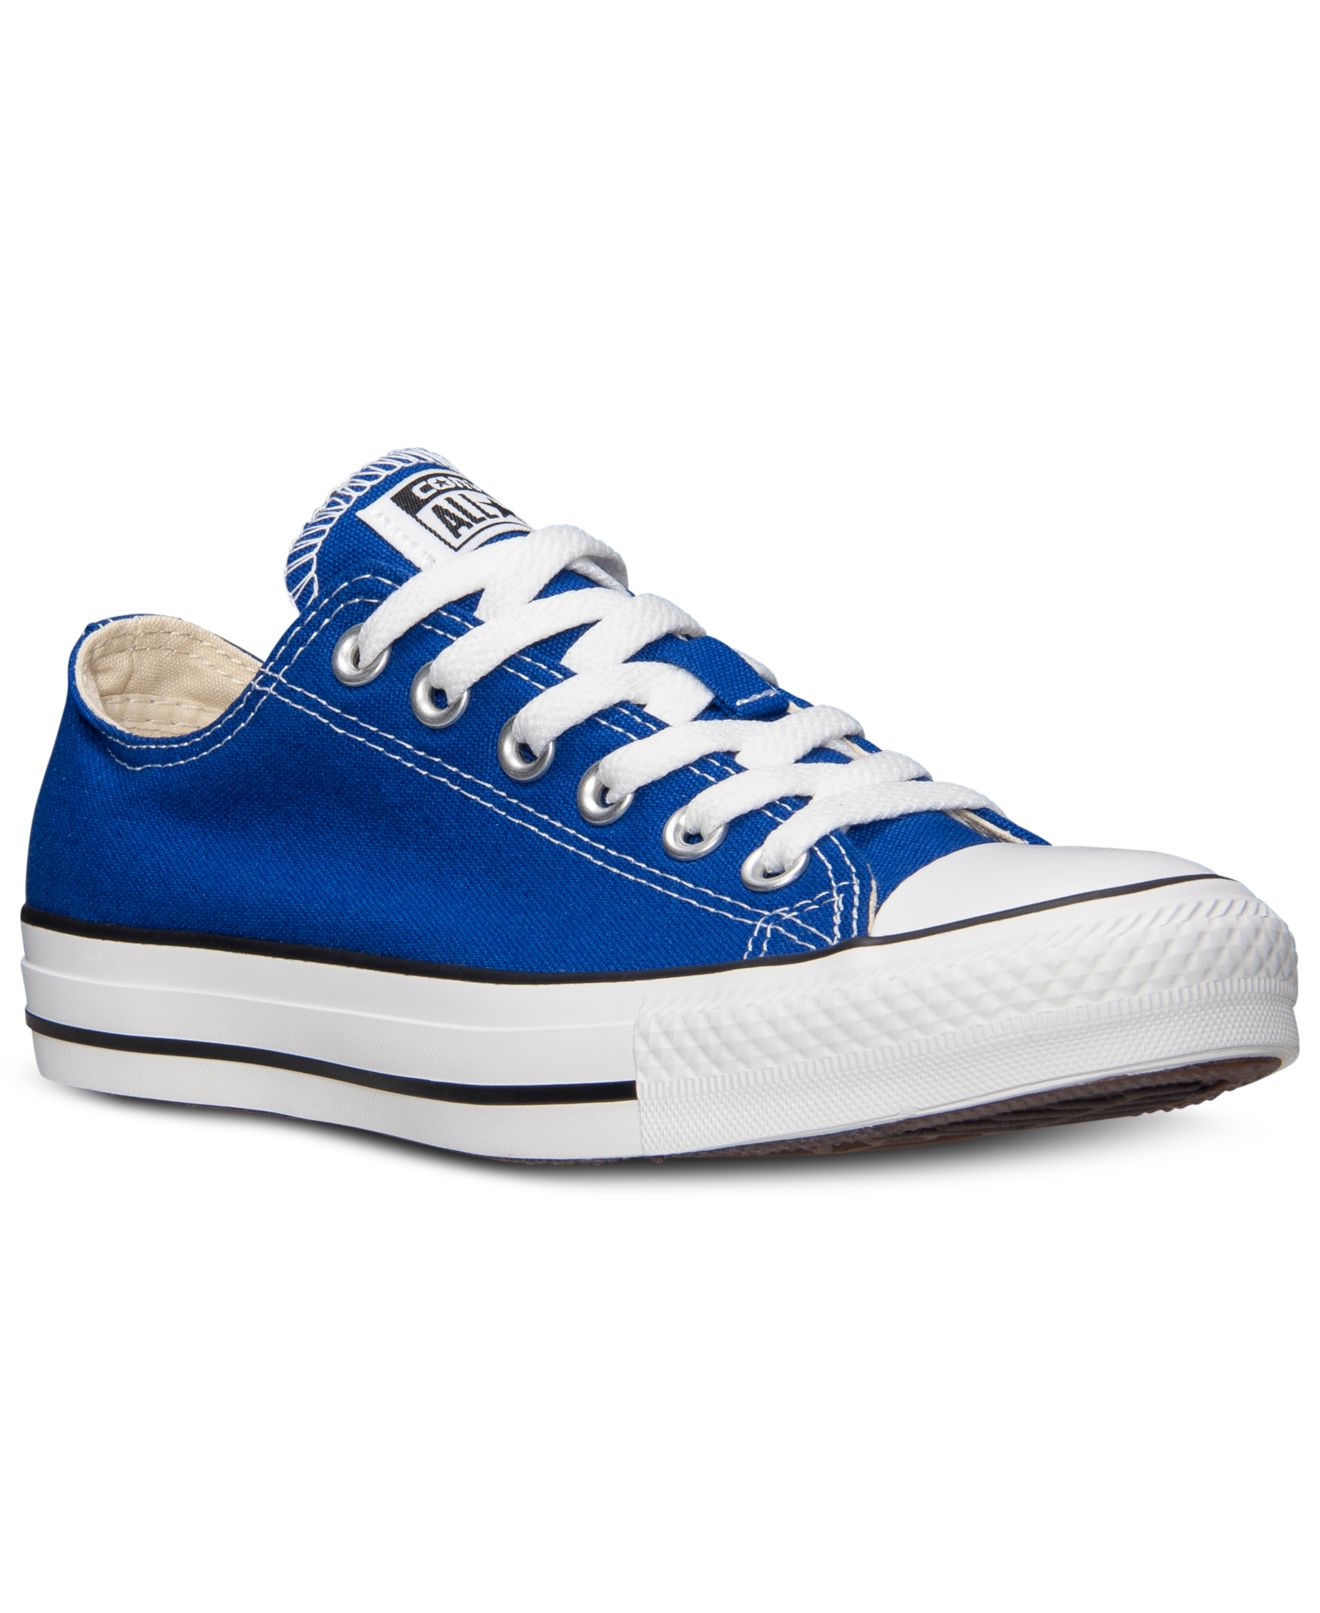 converse men shoes